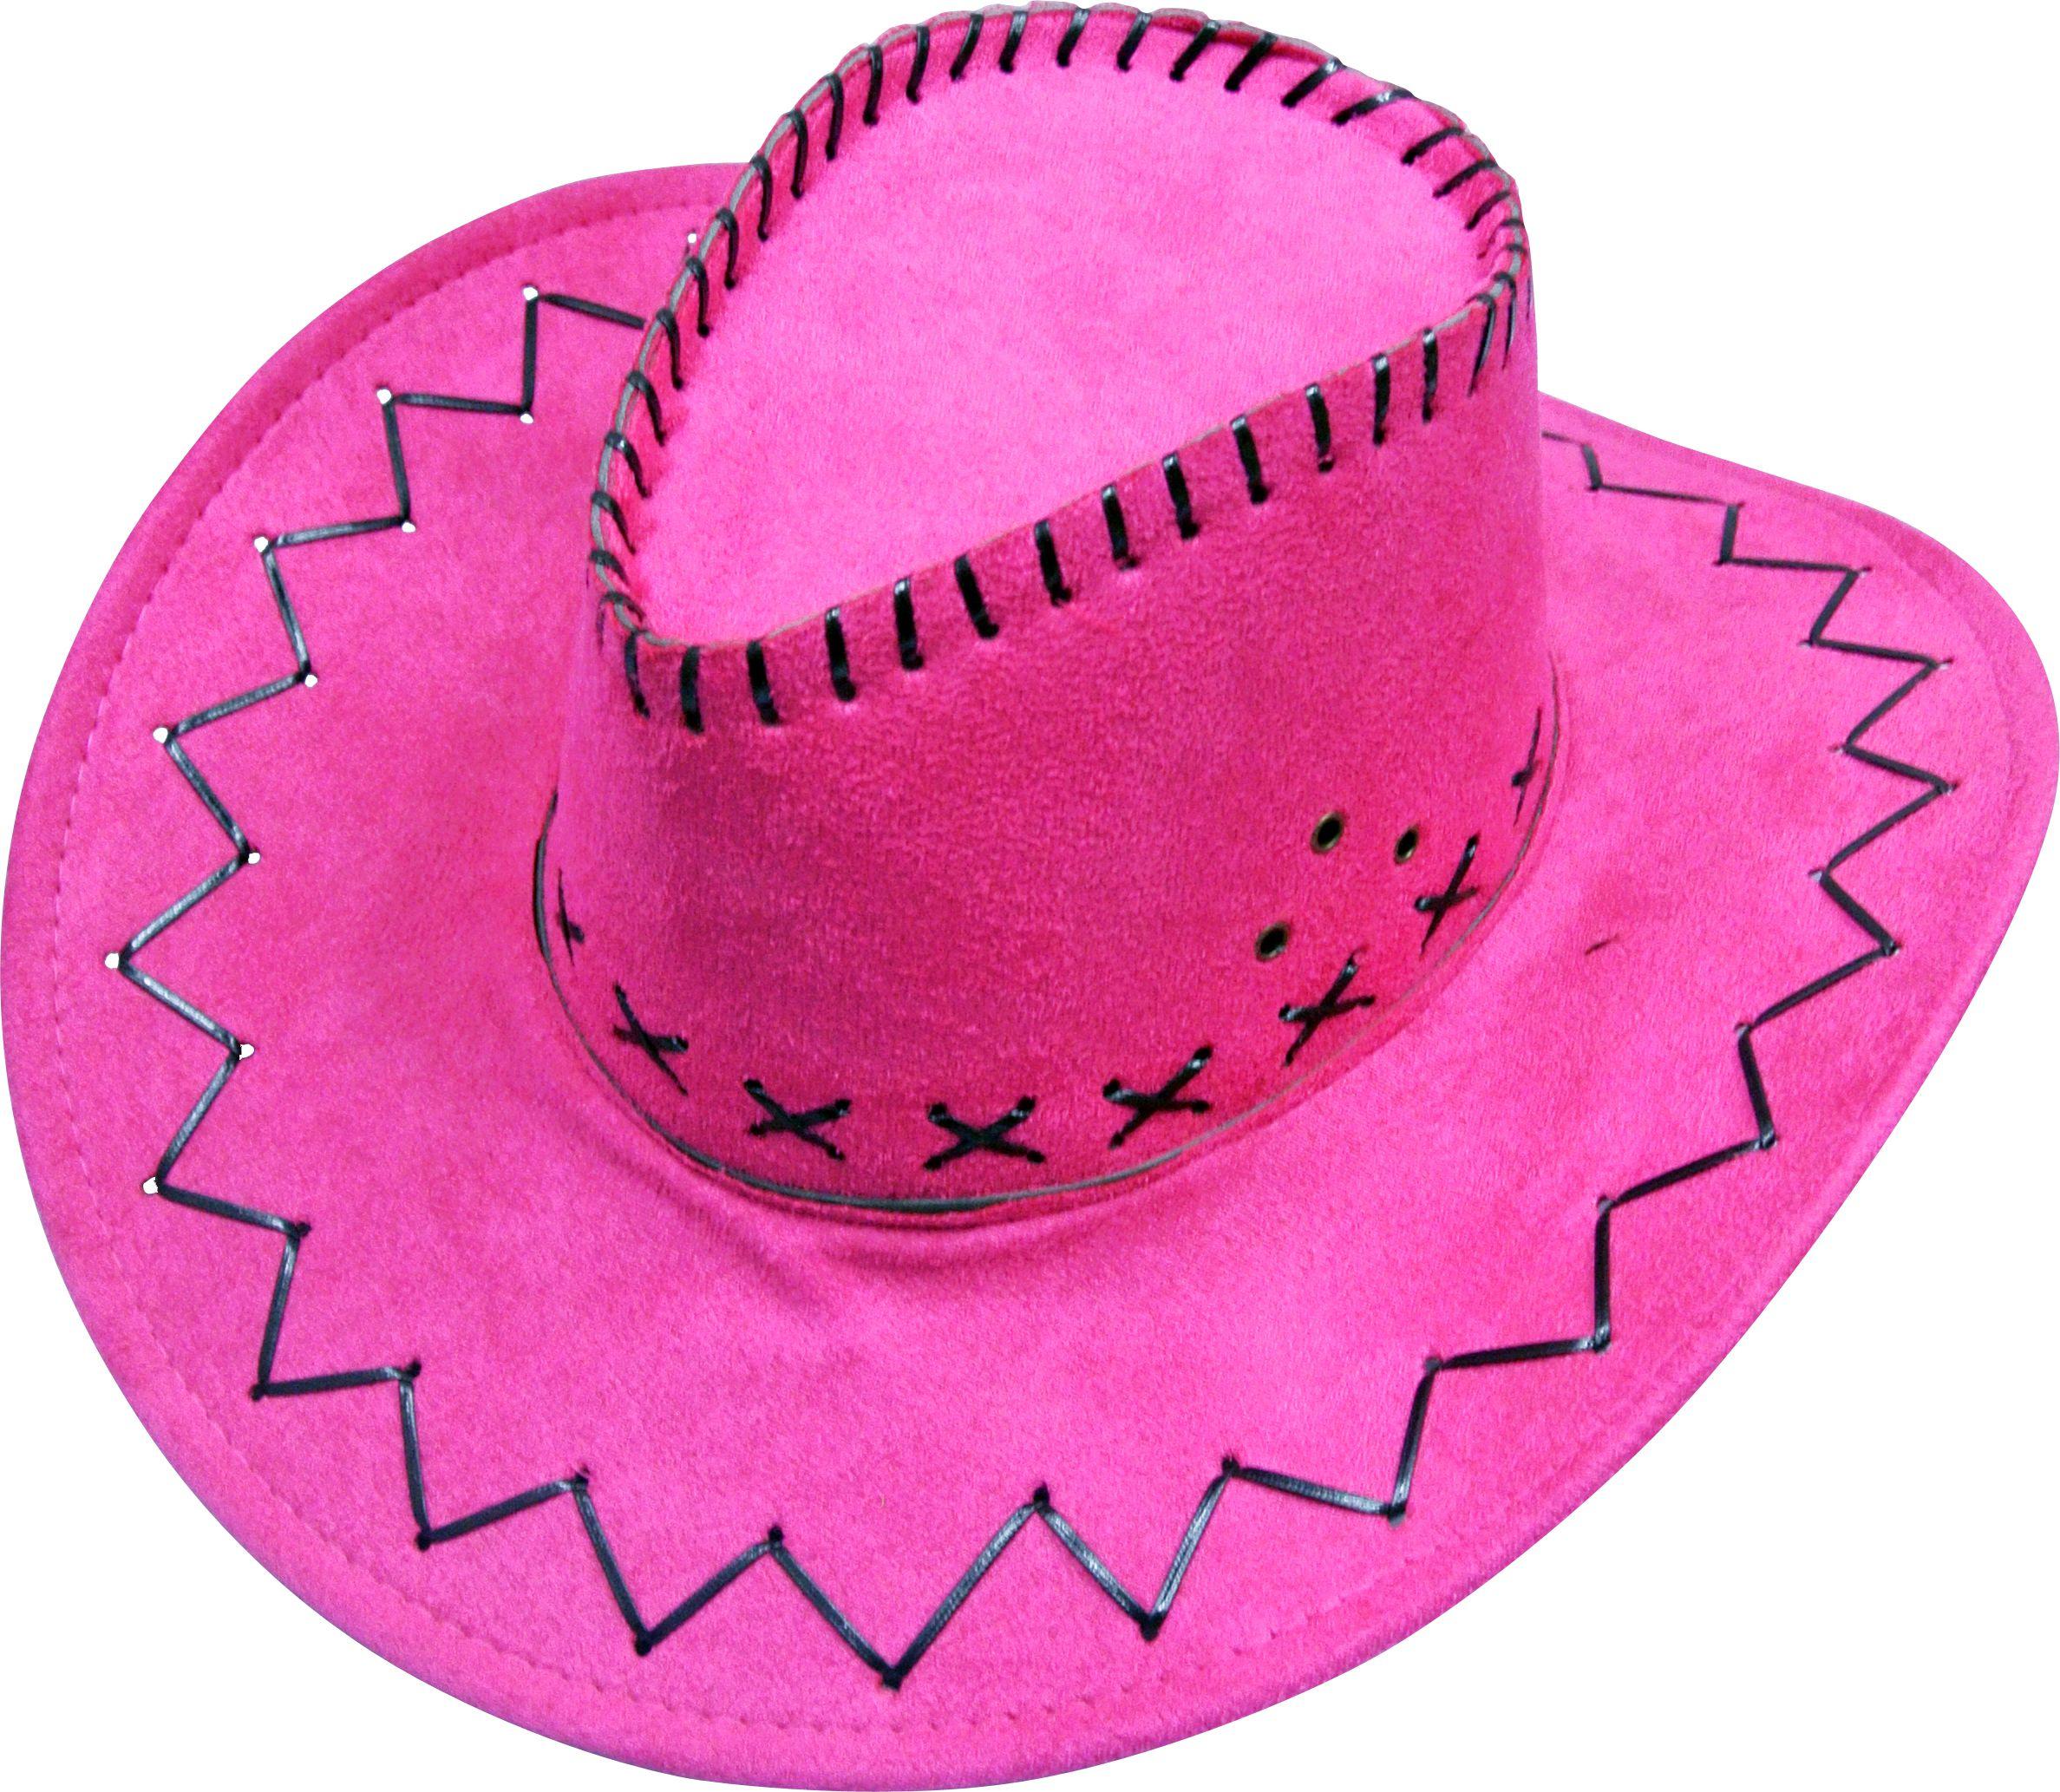 chapeau cowboy texas chapeau cowboy sombrero paille le. Black Bedroom Furniture Sets. Home Design Ideas